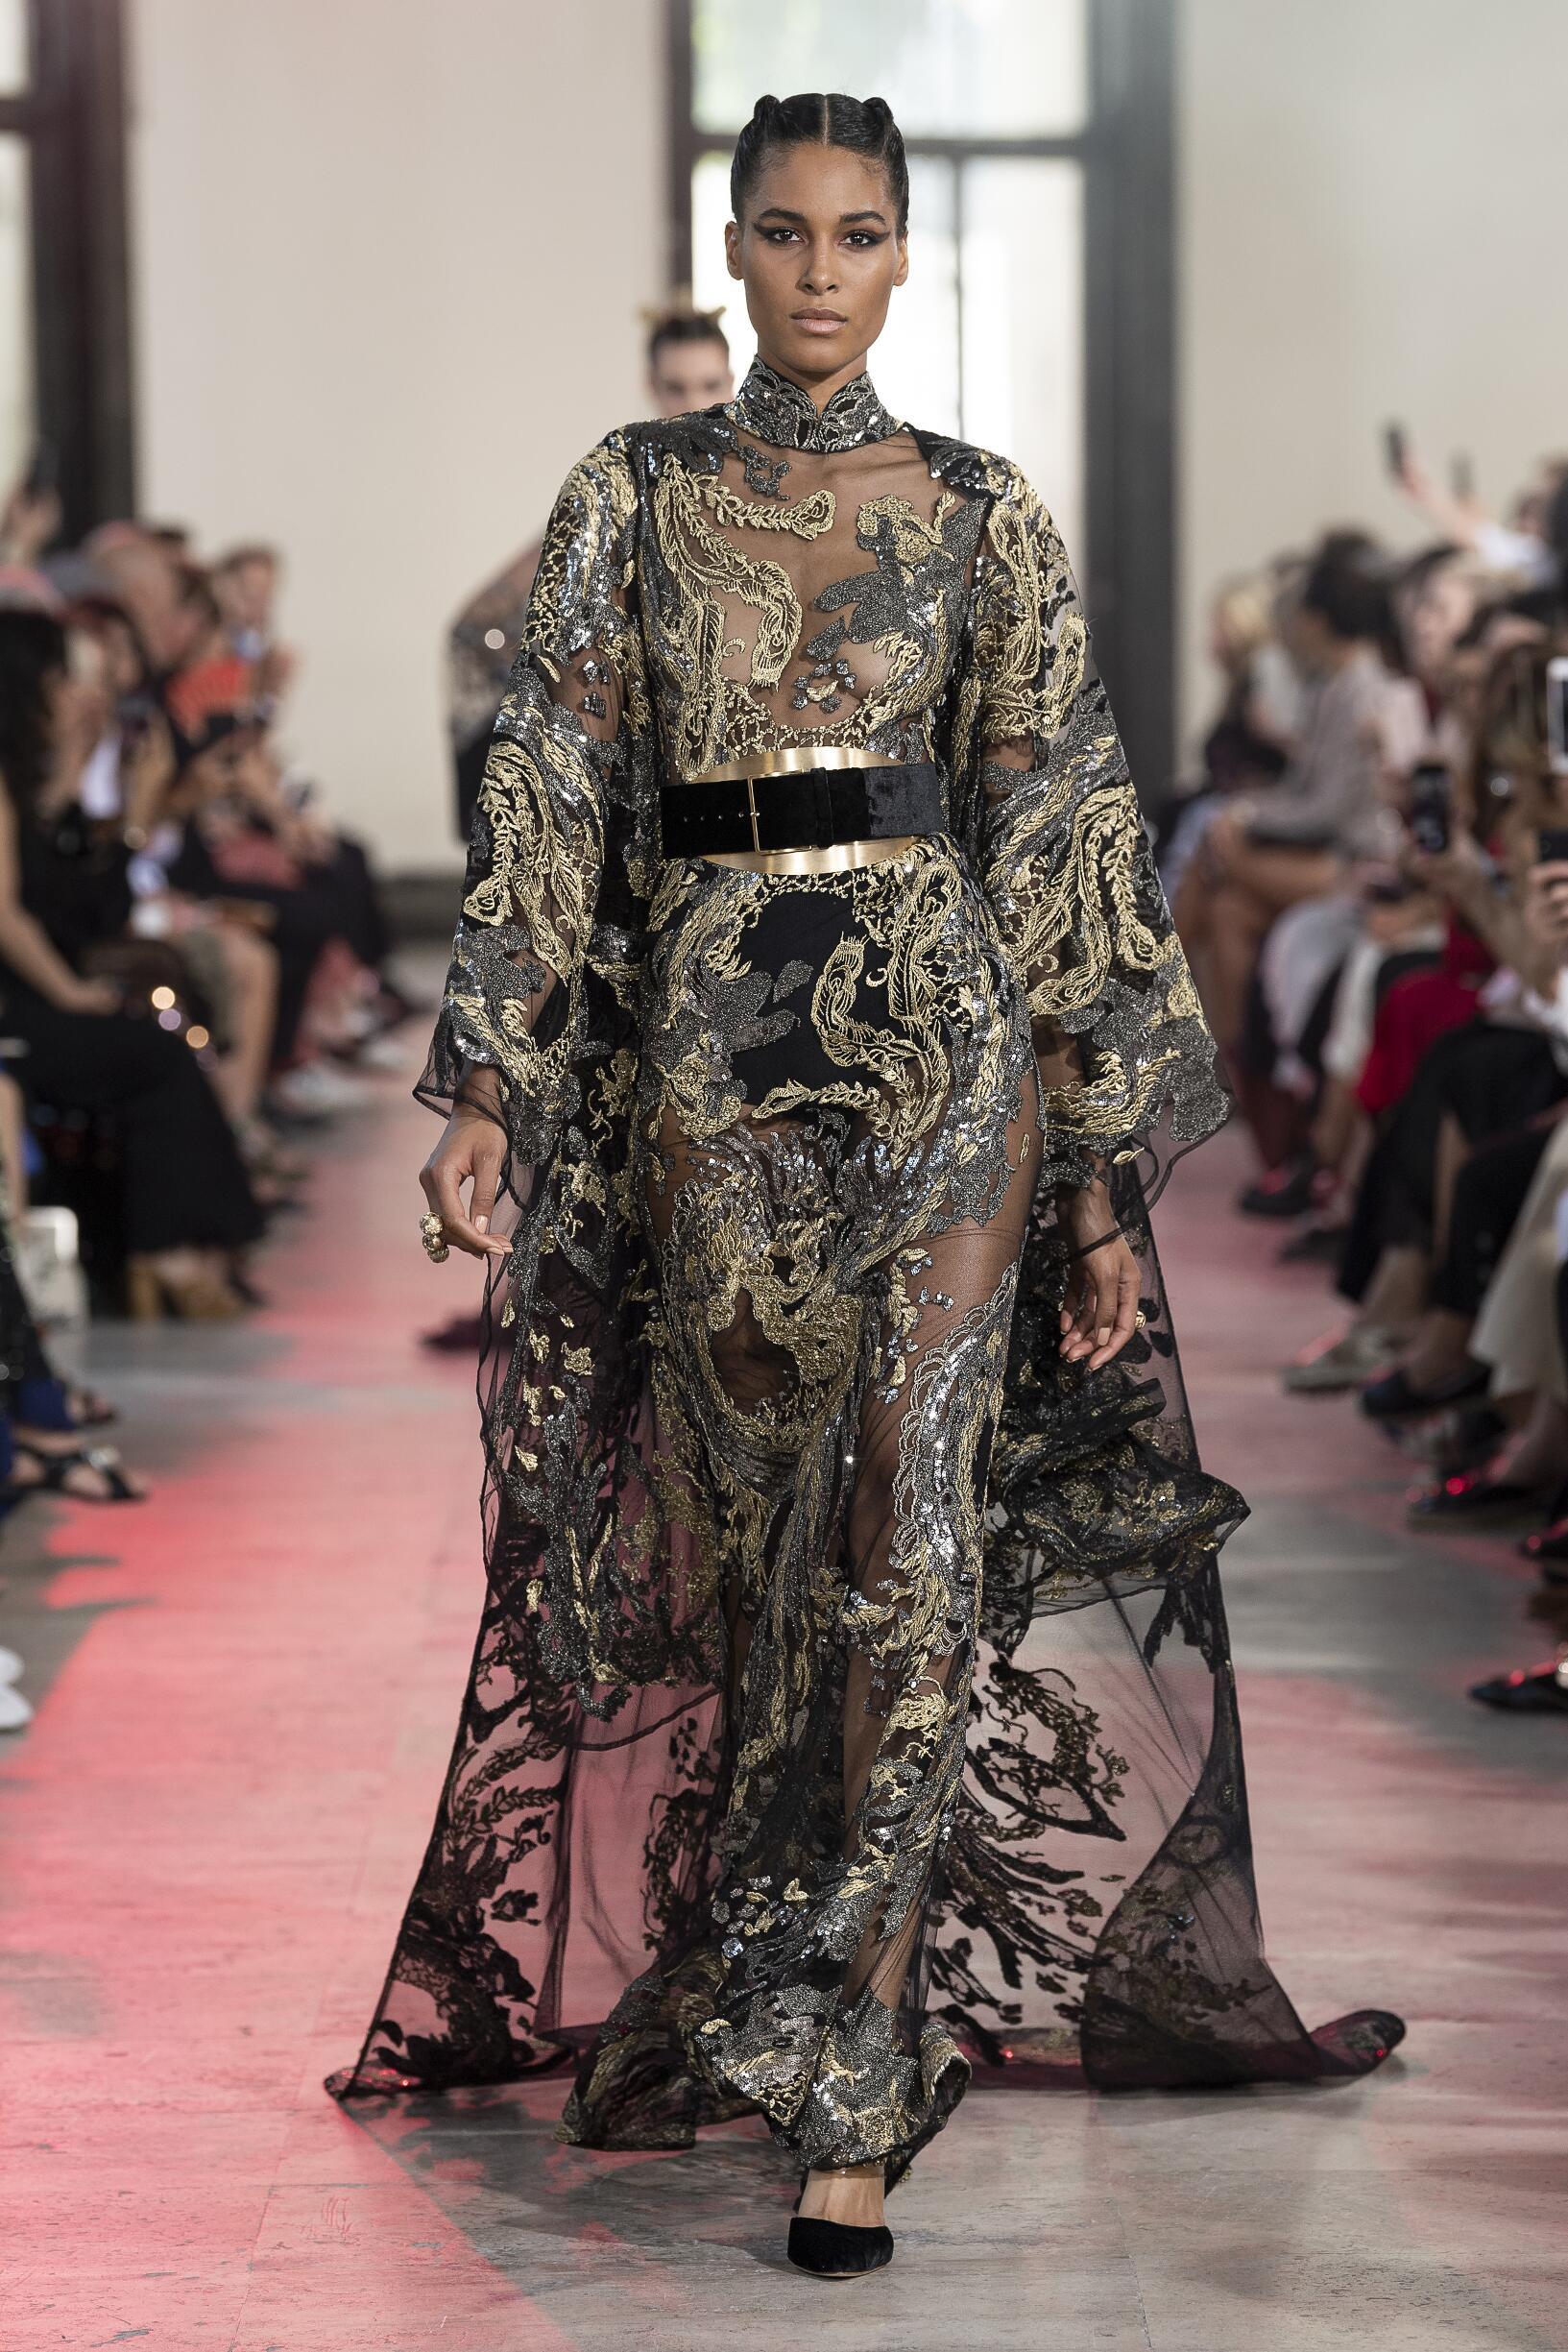 Elie Saab Haute Couture Paris Womenswear Trends